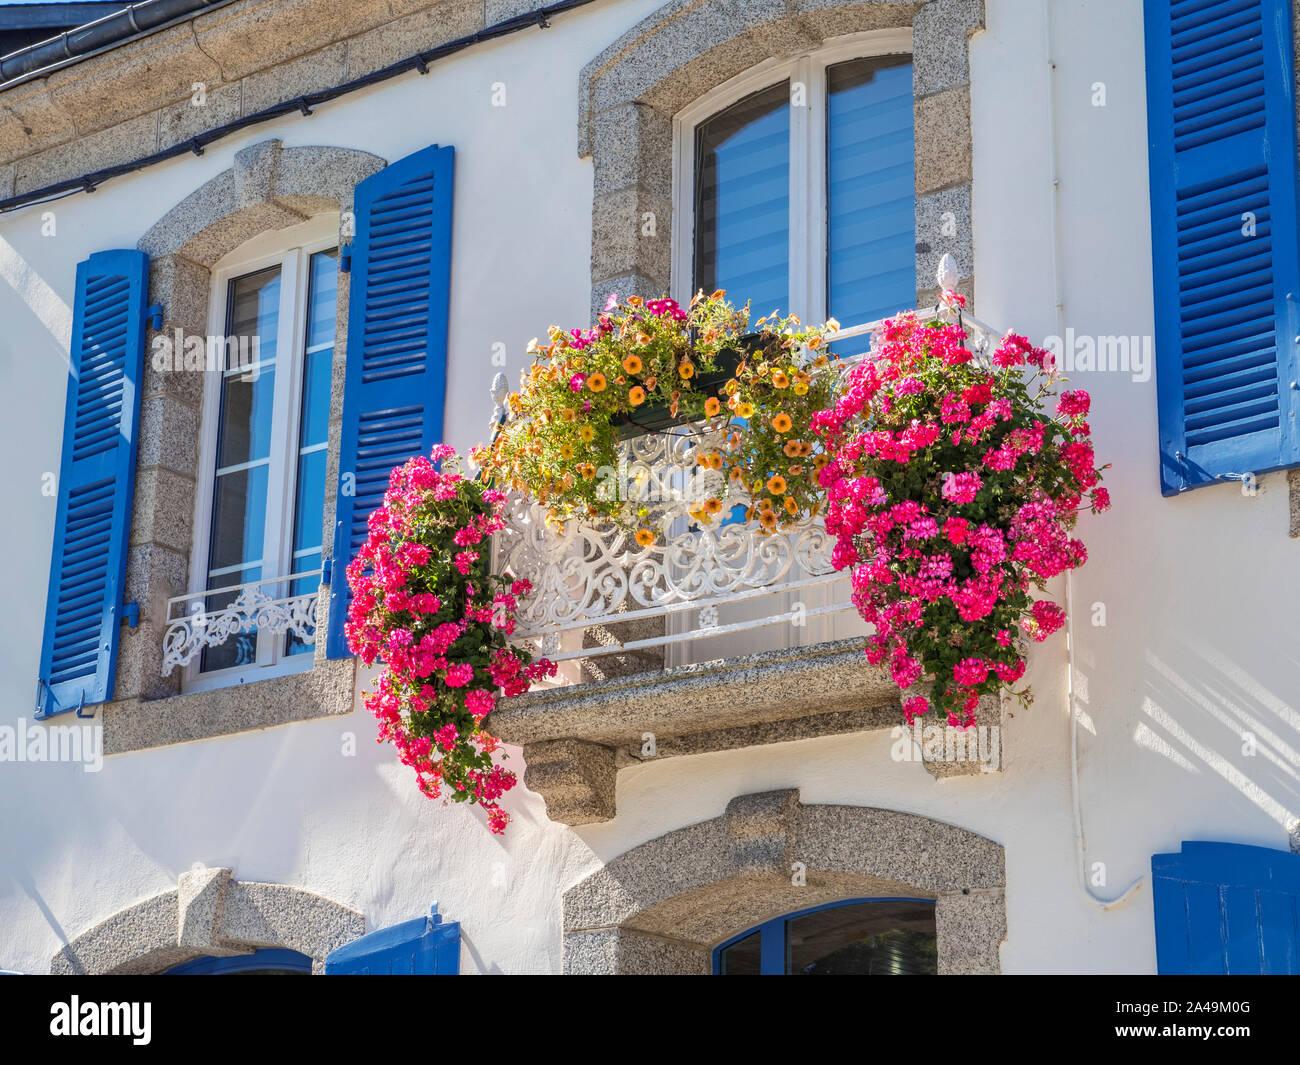 PONT AVEN Maison de Maître 'mansion' con abundantes flores coloridas balcón y ventanas con contraventanas azules tradicionales Pont Aven Bretaña Francia Foto de stock